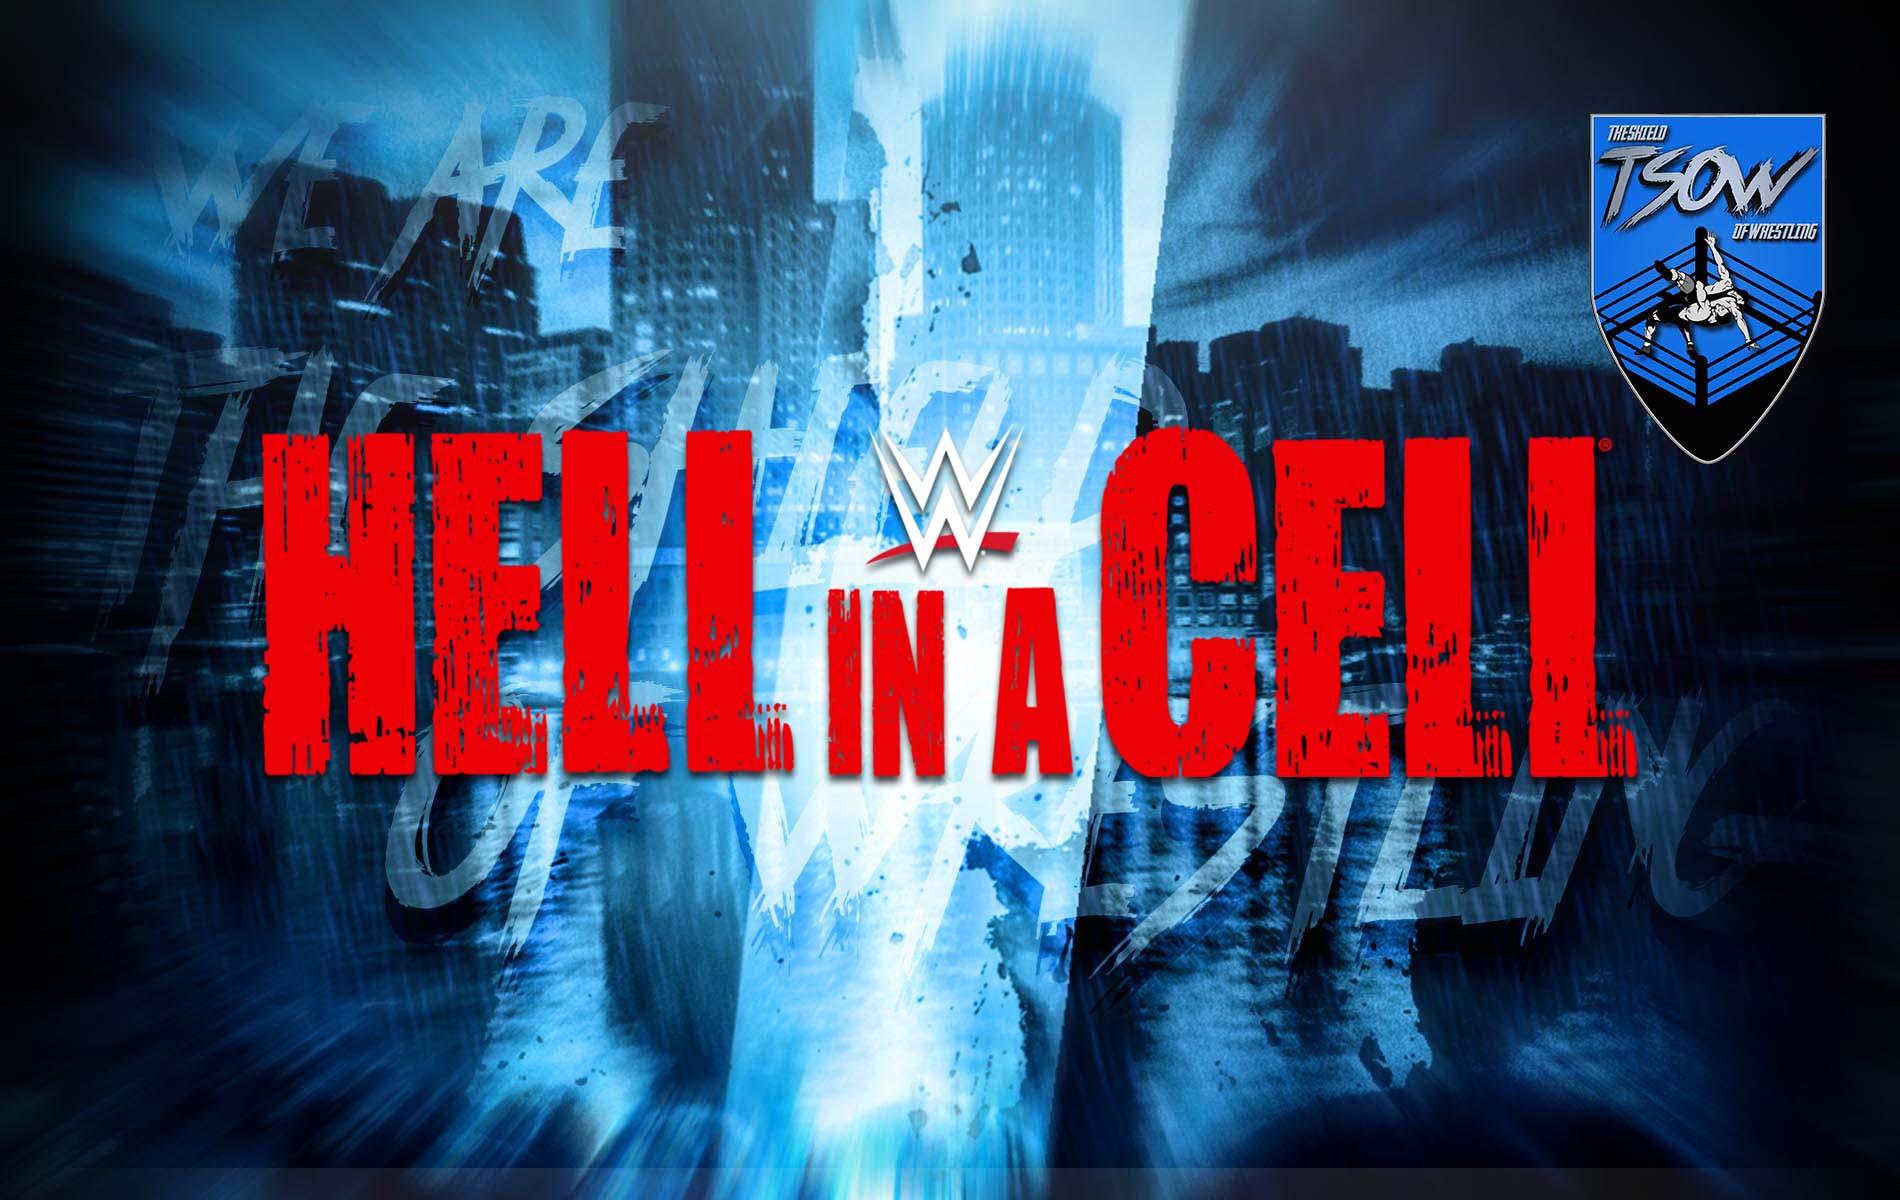 Hell in a Cell: c'è già un possibile spoiler?